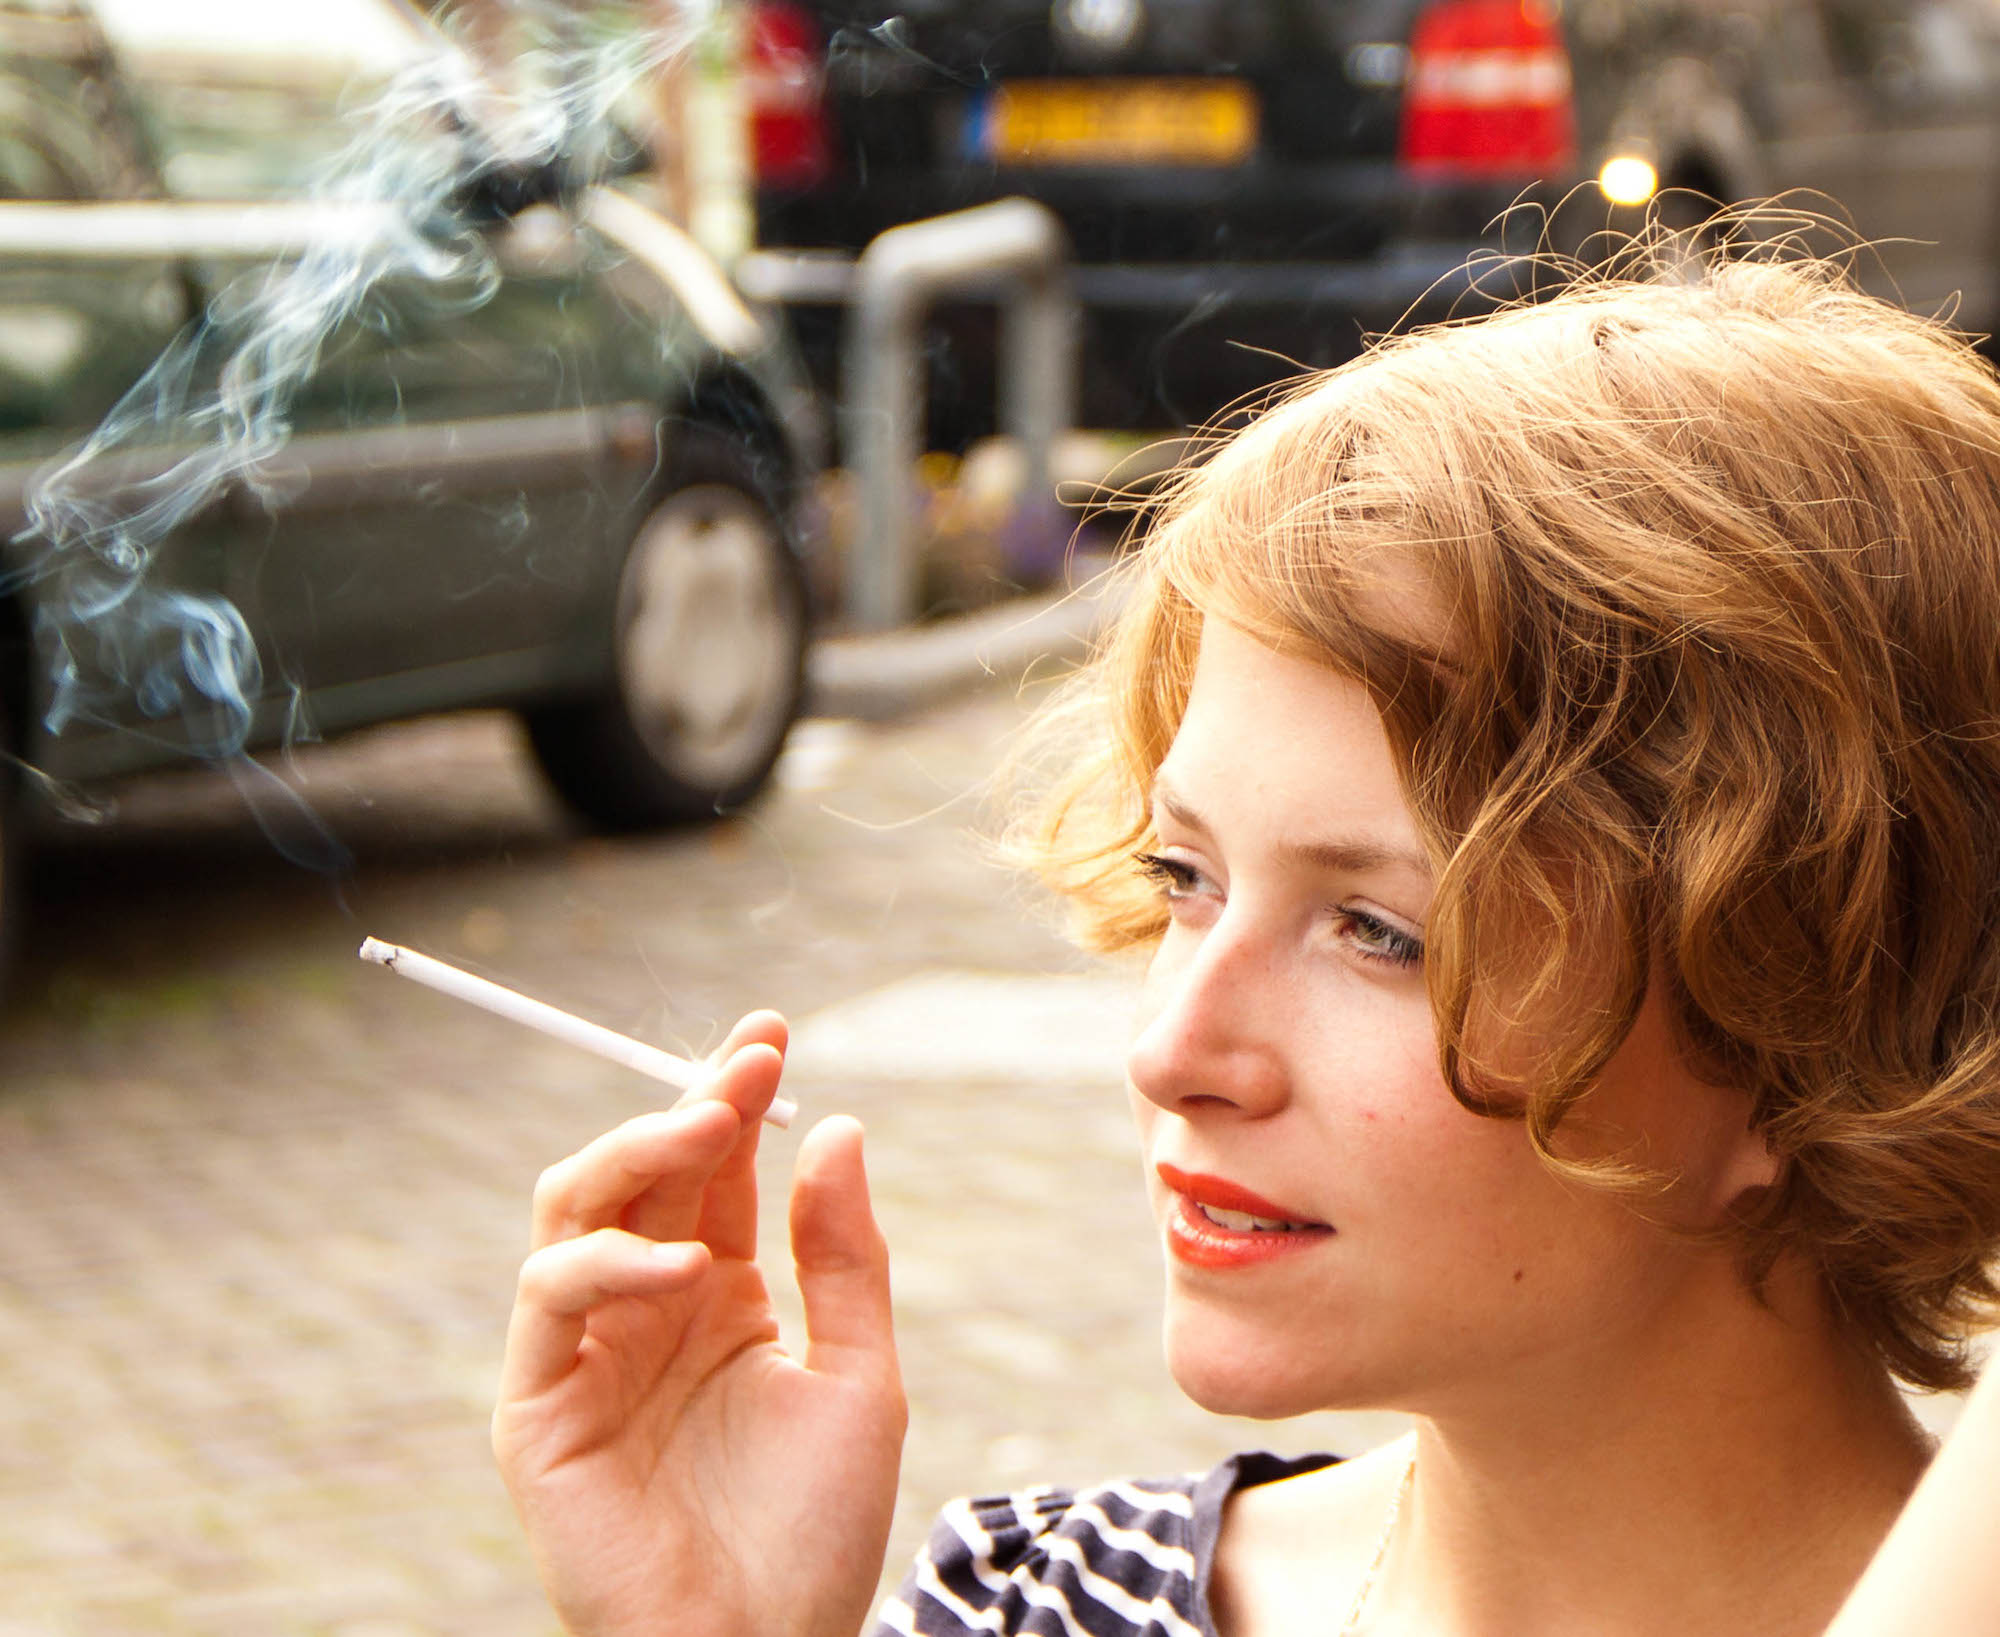 Smoking in Paris